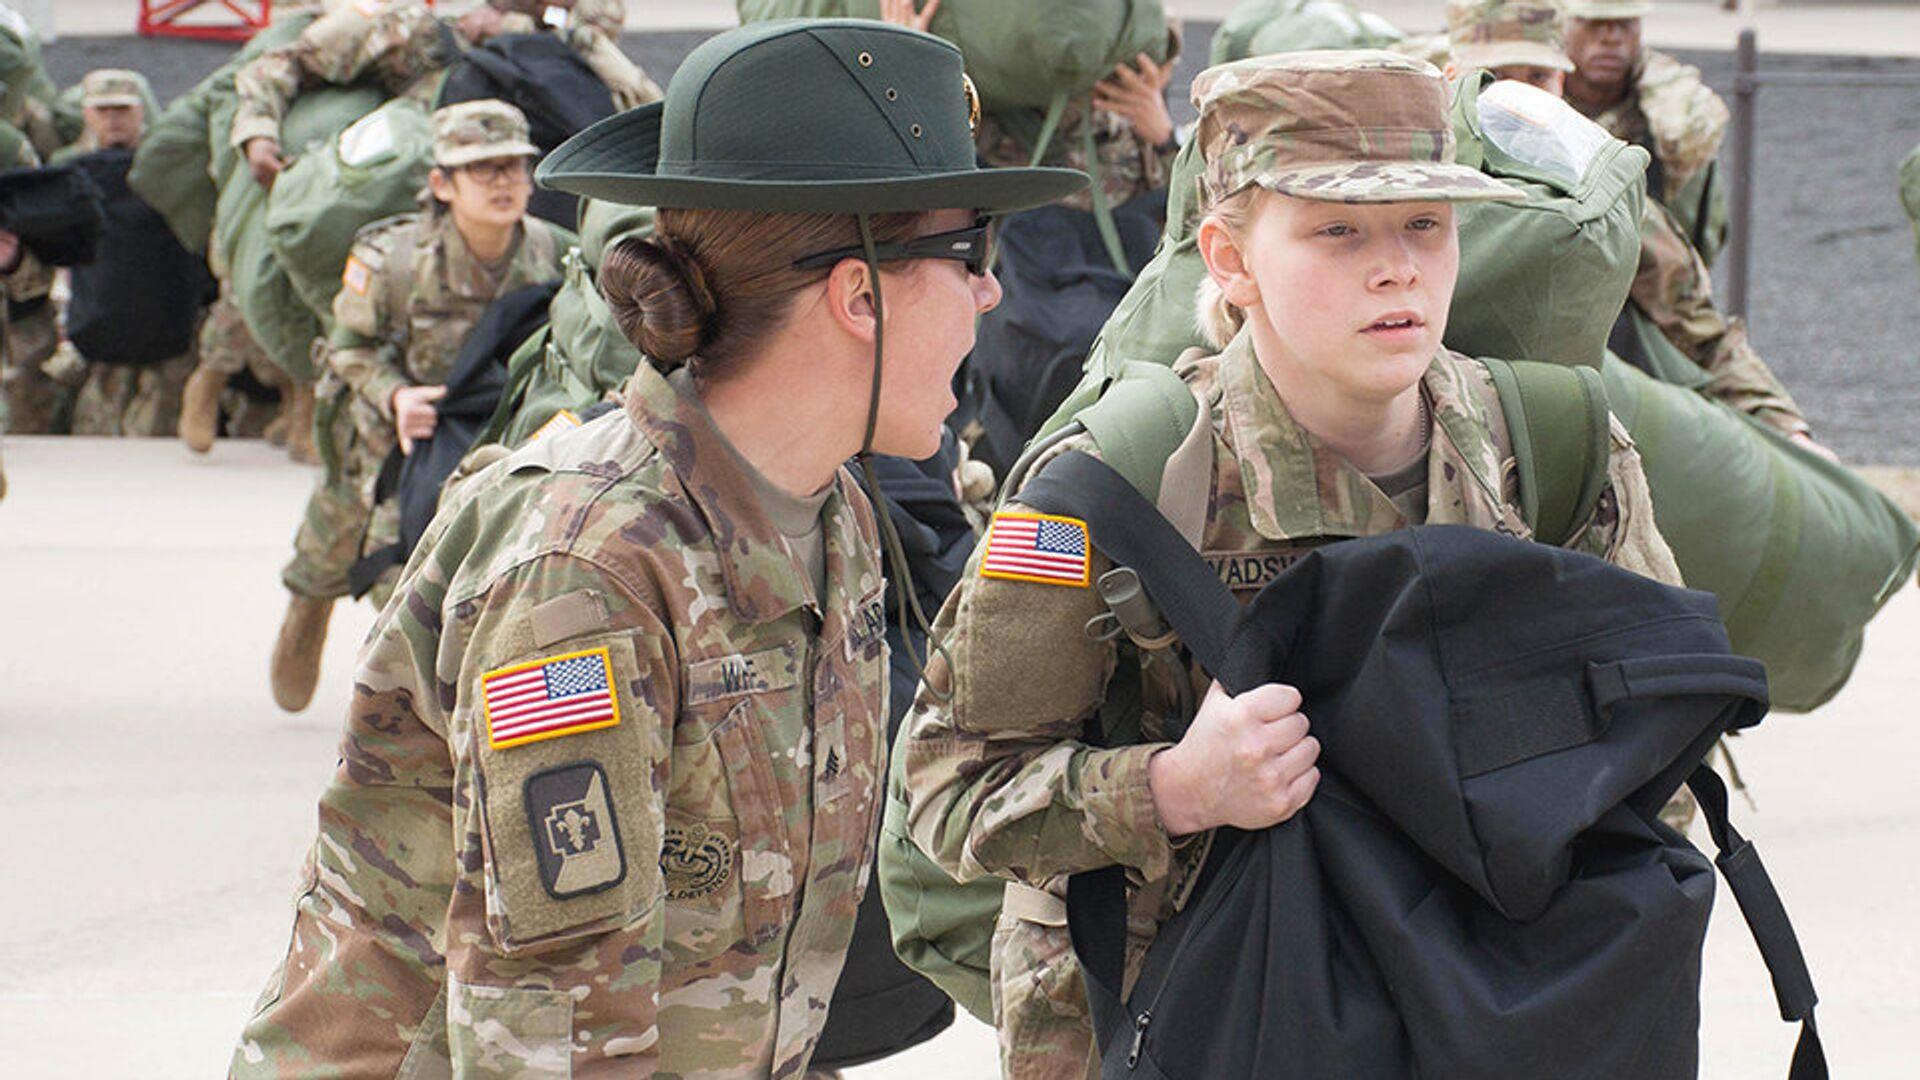 Уорлд-сержант армии США тренирует новобранца новобранца во время учений в Форте Леонард Вуд, штат Миссури, США. 31 января 2017  - РИА Новости, 1920, 27.01.2021